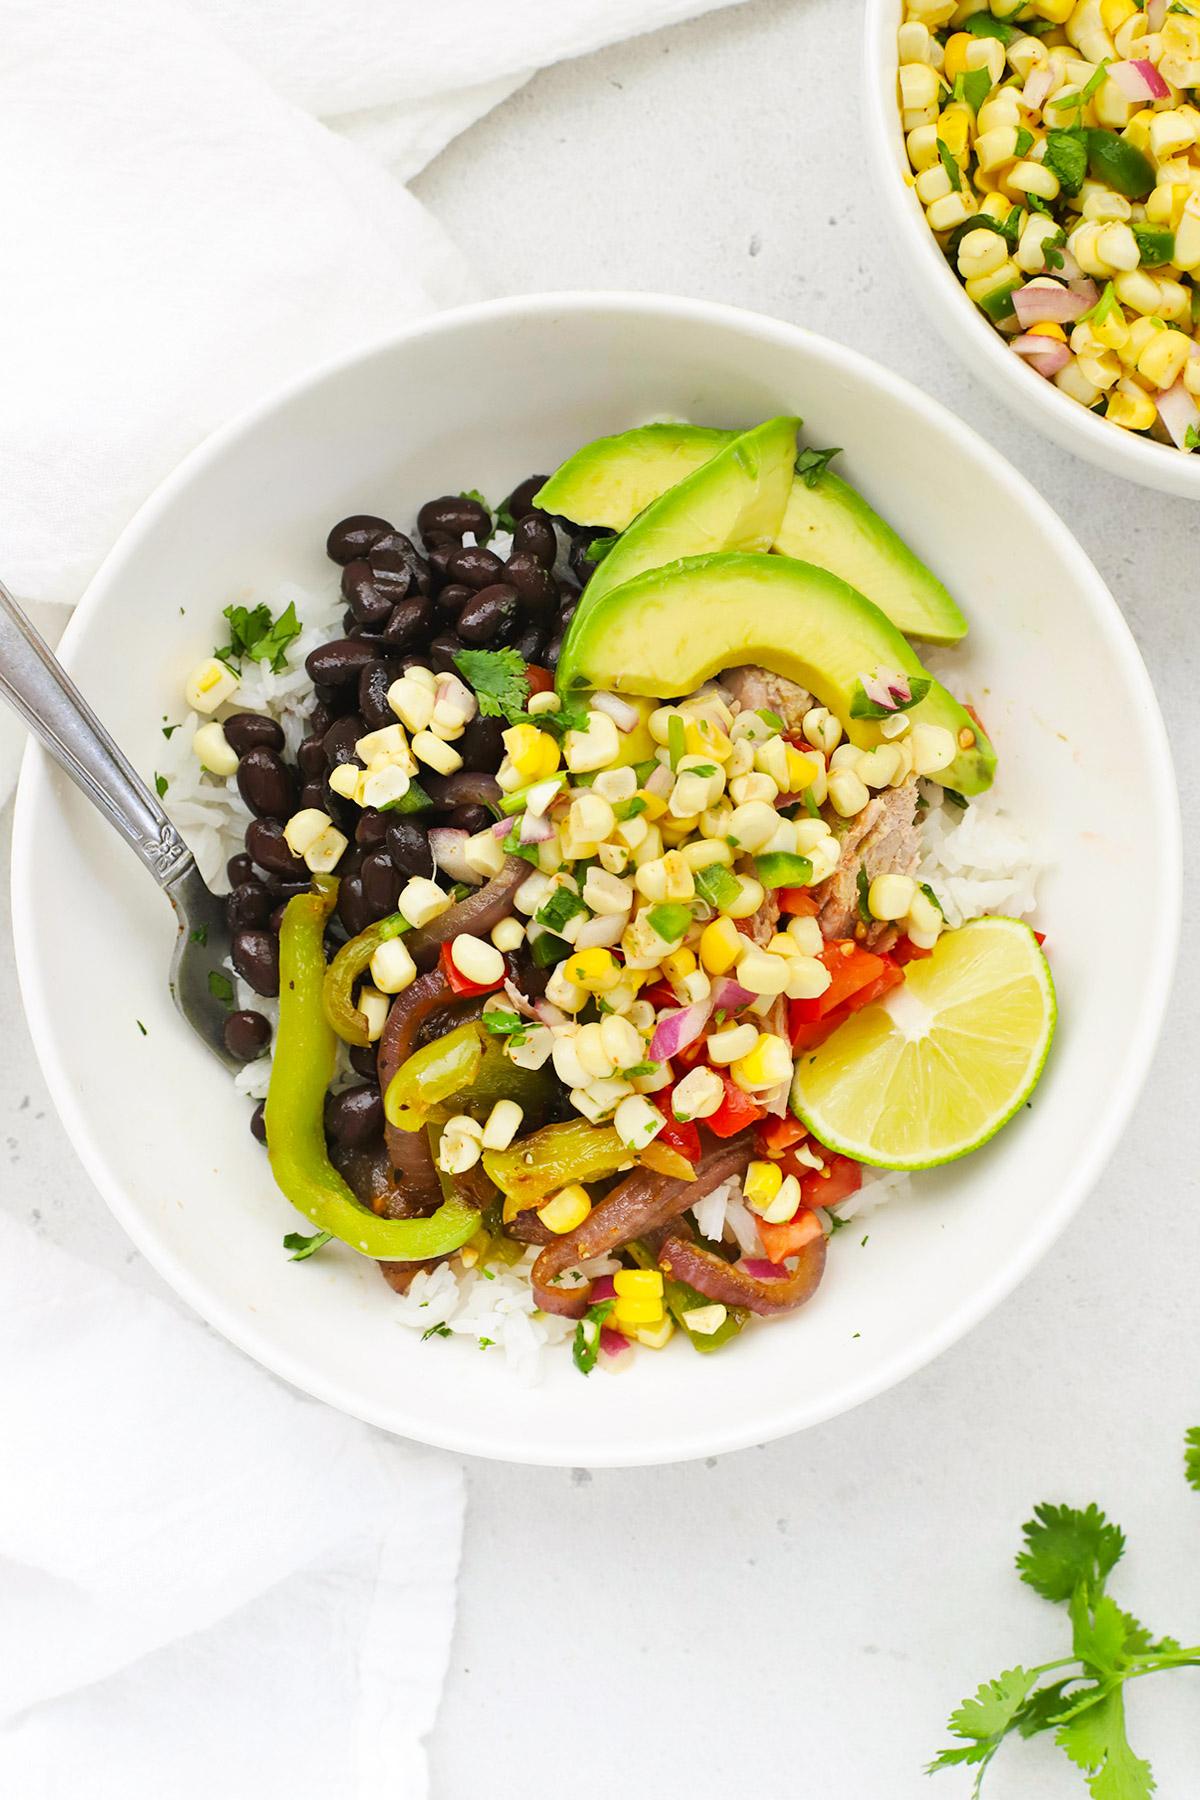 Overhead view of a burrito bowl with cilantro lime rice, fajita veggies, black beans, avocado, and chipotle copycat corn salsa